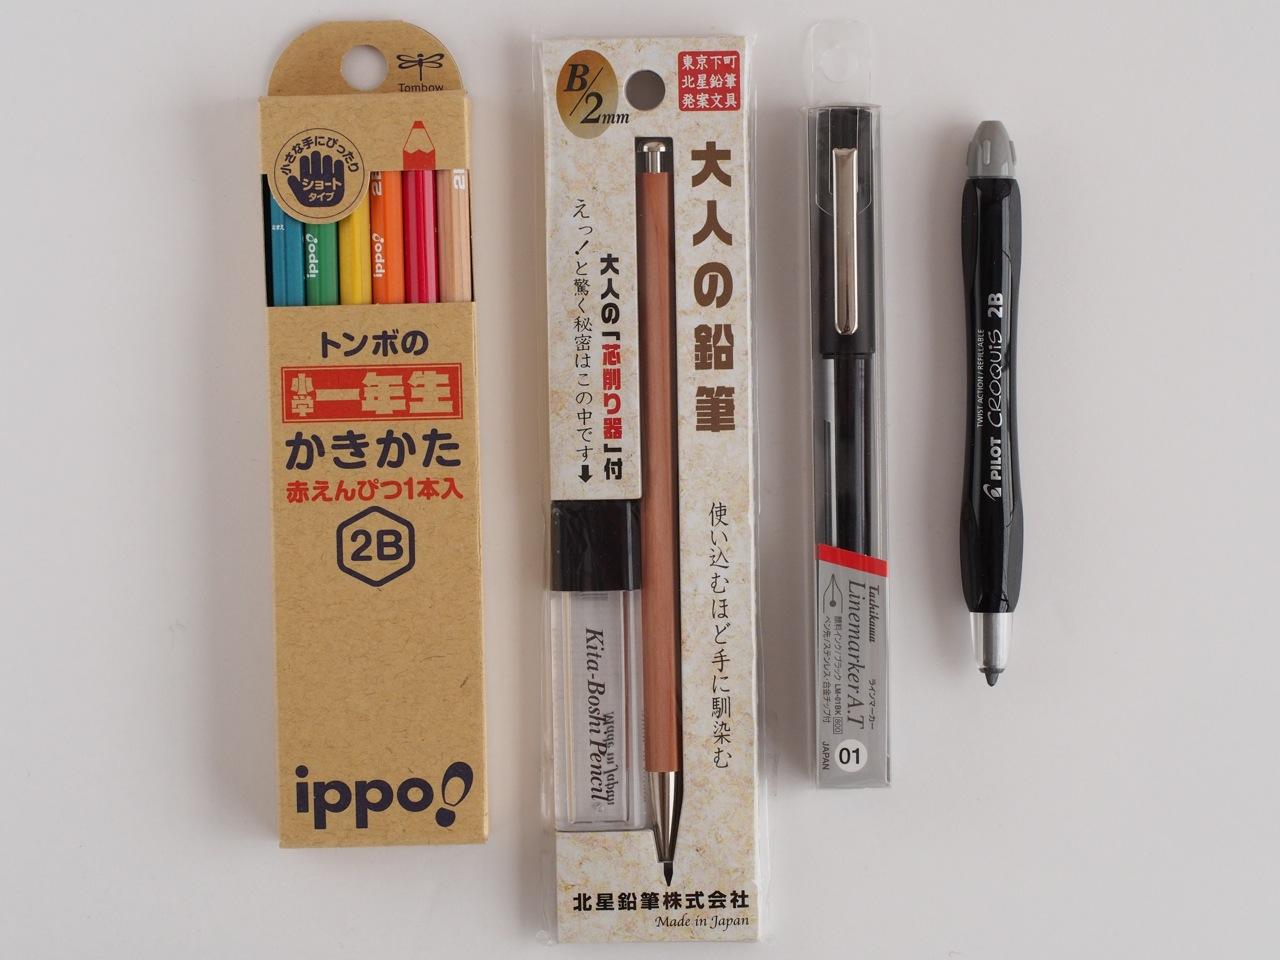 最近気になる筆記具